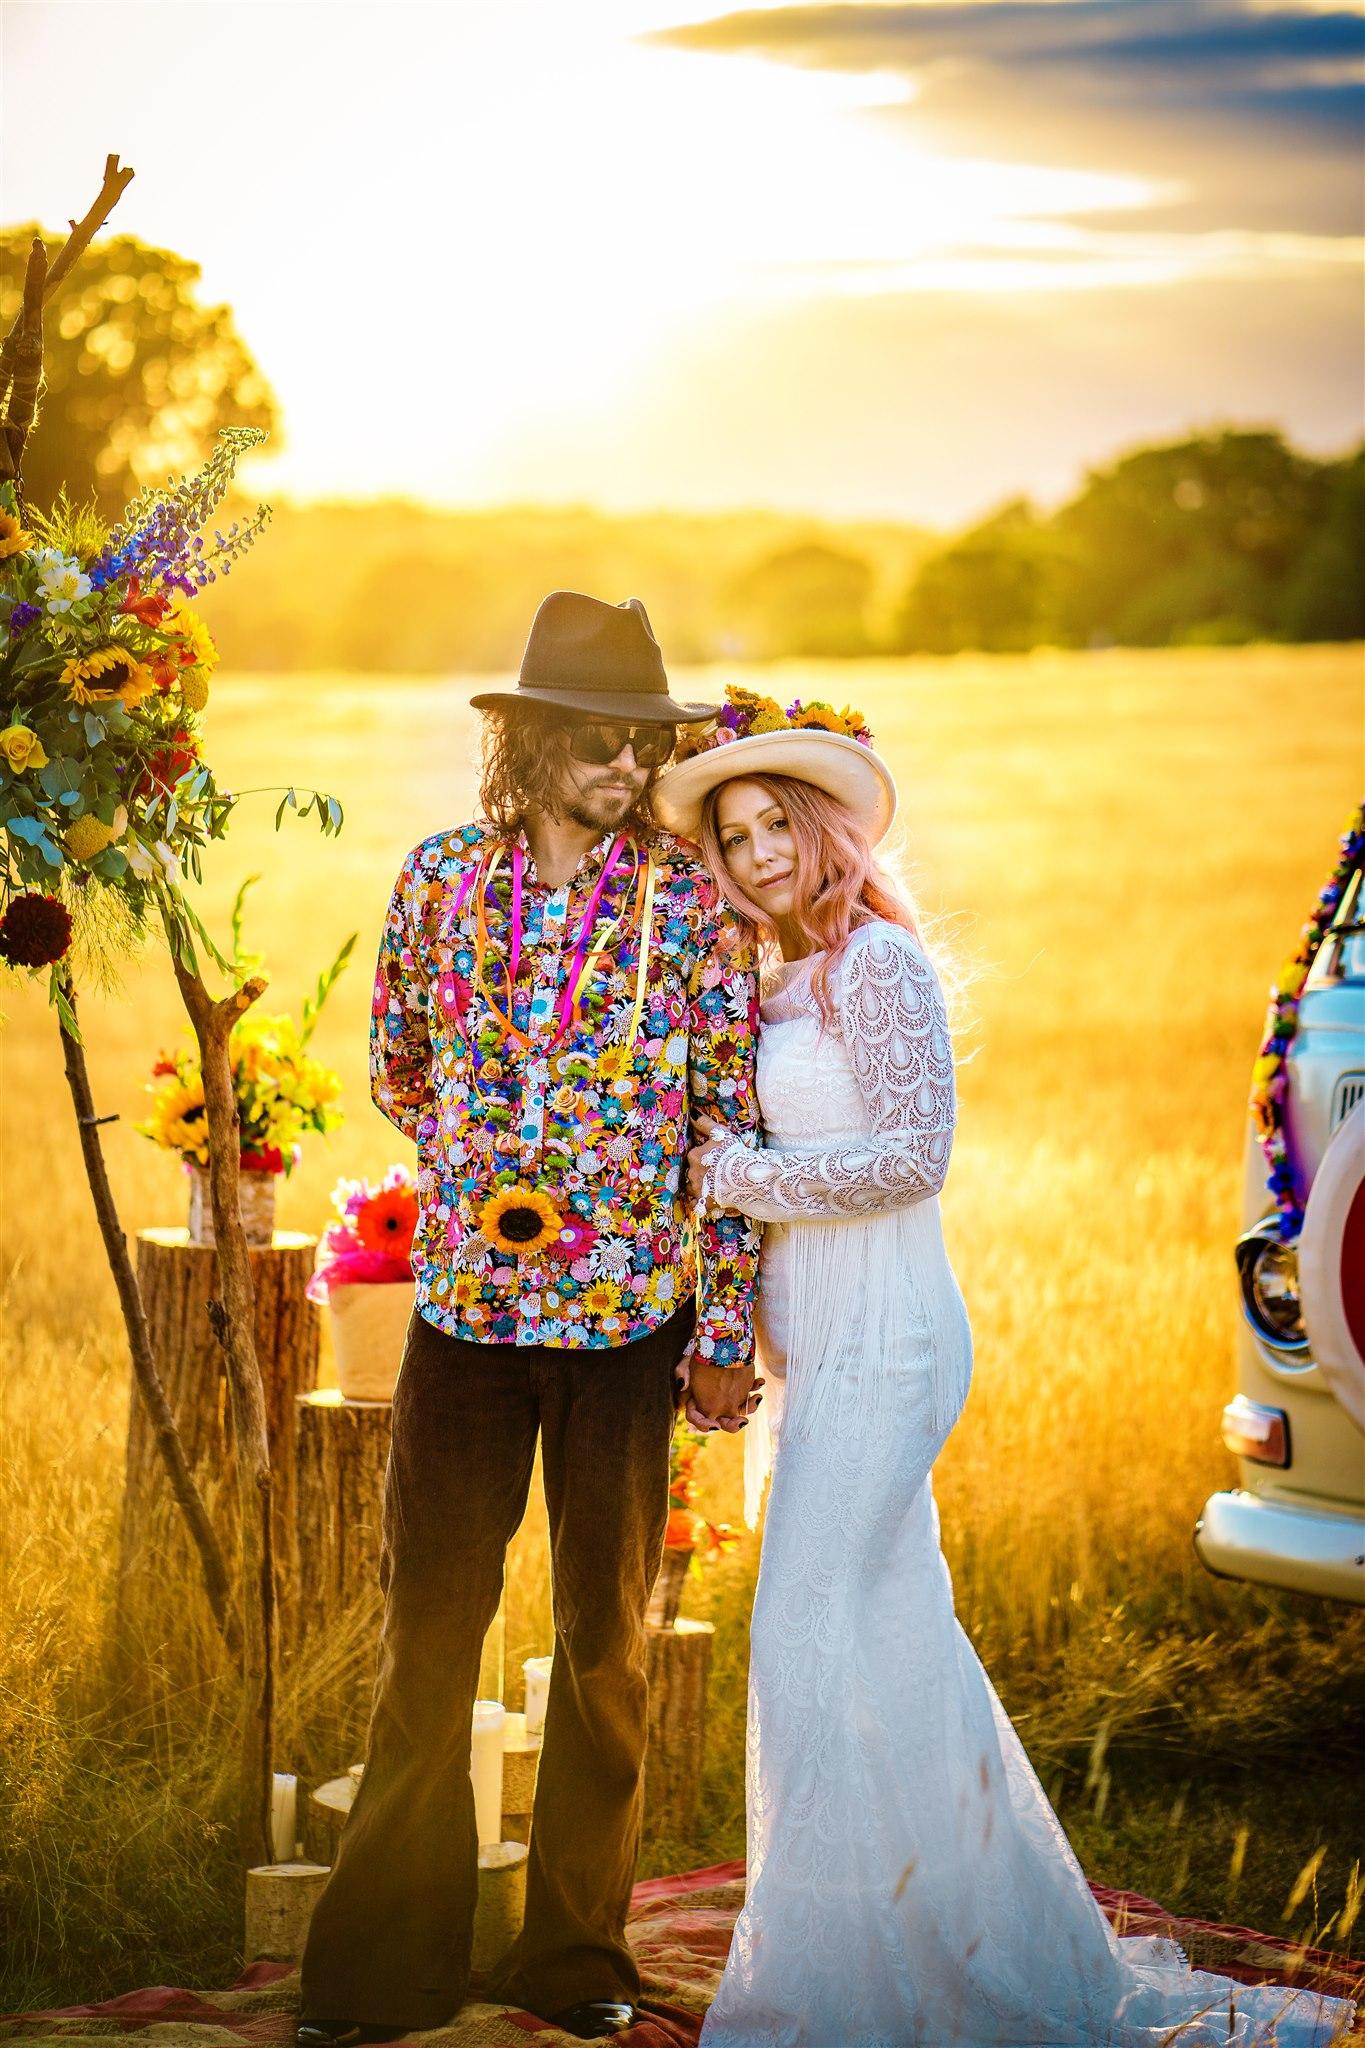 colourful bohemian wedding - 70s wedding - camper van wedding - hippie wedding - alternative wedding blog